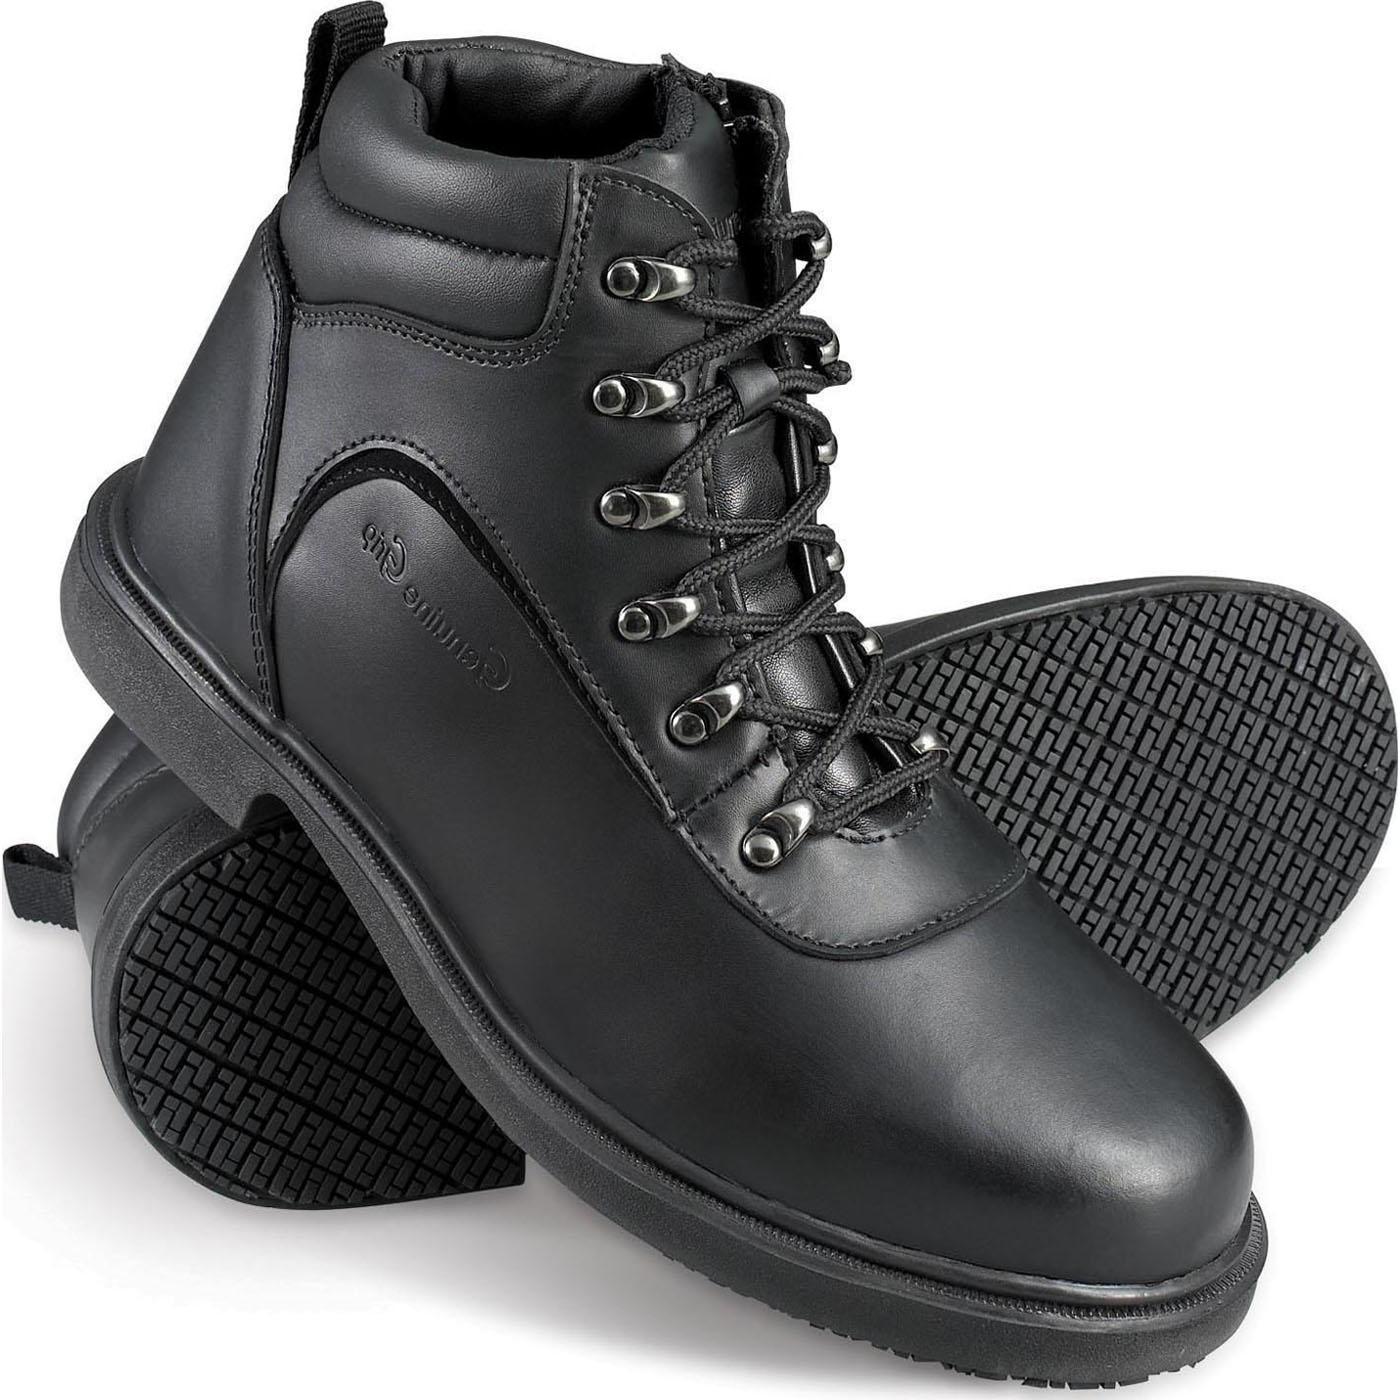 Genuine Grip Slip-Resistant Steel Toe Hiking Boot, , large